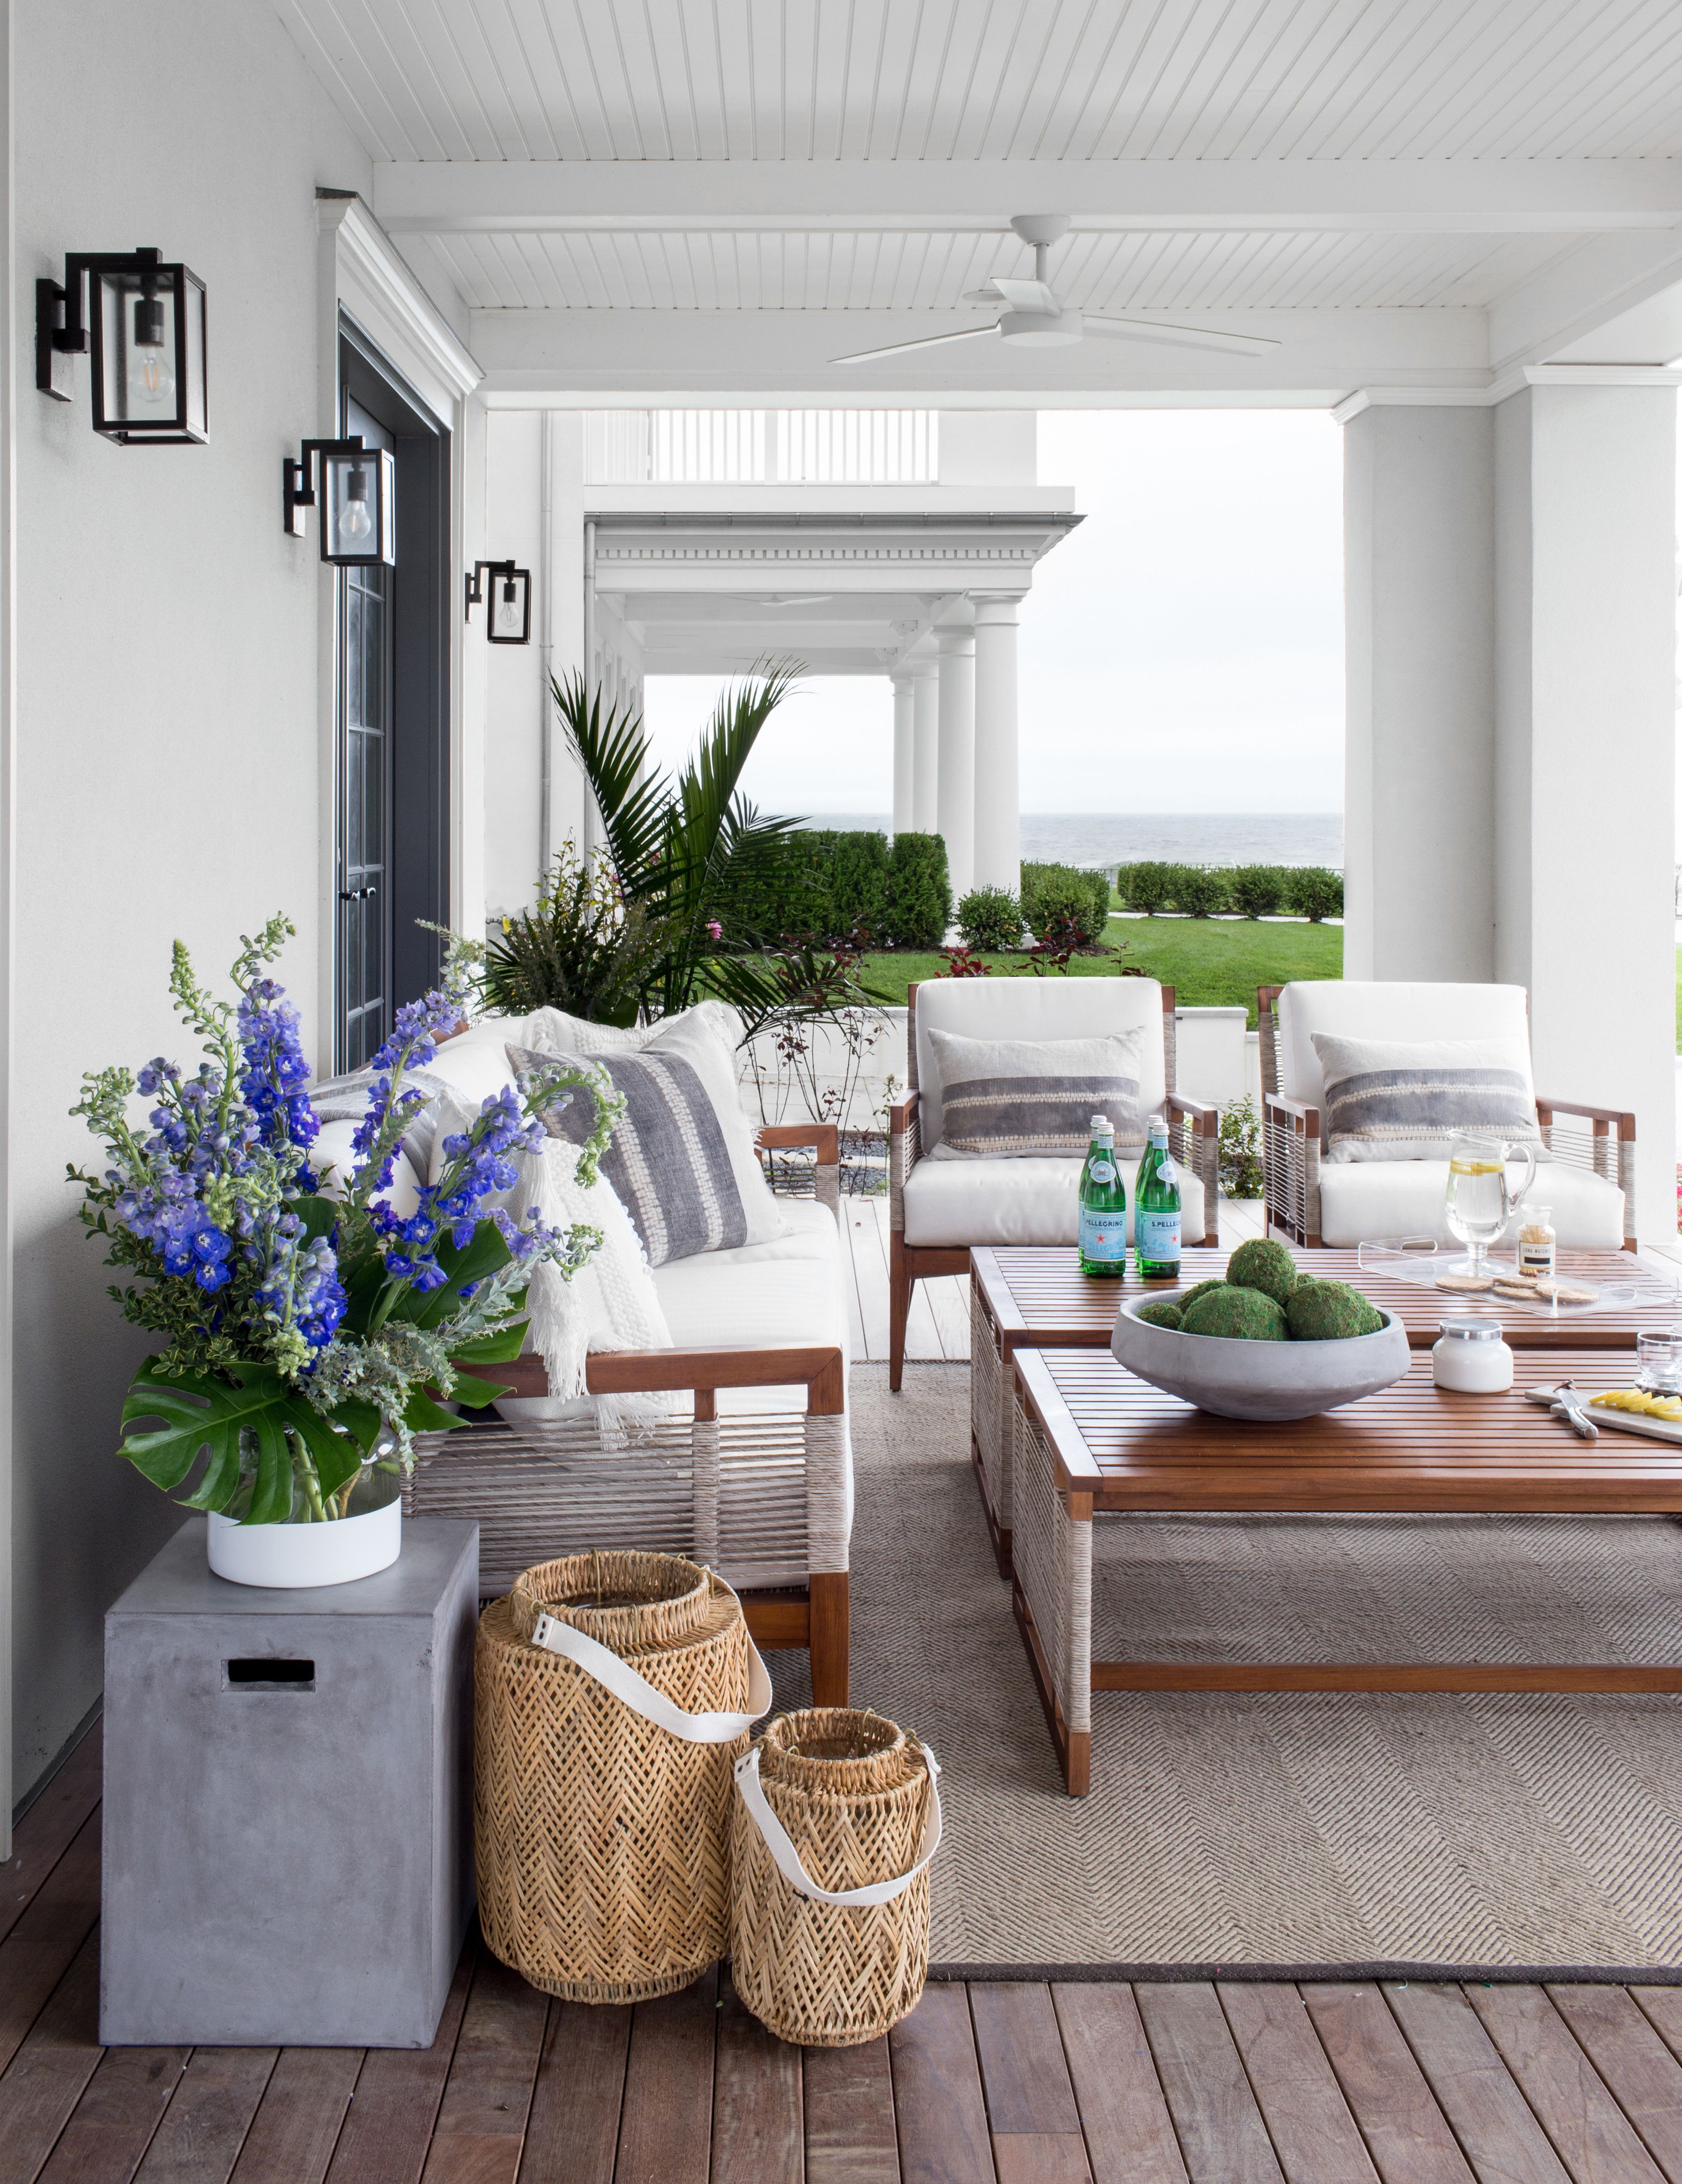 A Beachside Mediterranean Style Summer Home In Allenhurst Nj